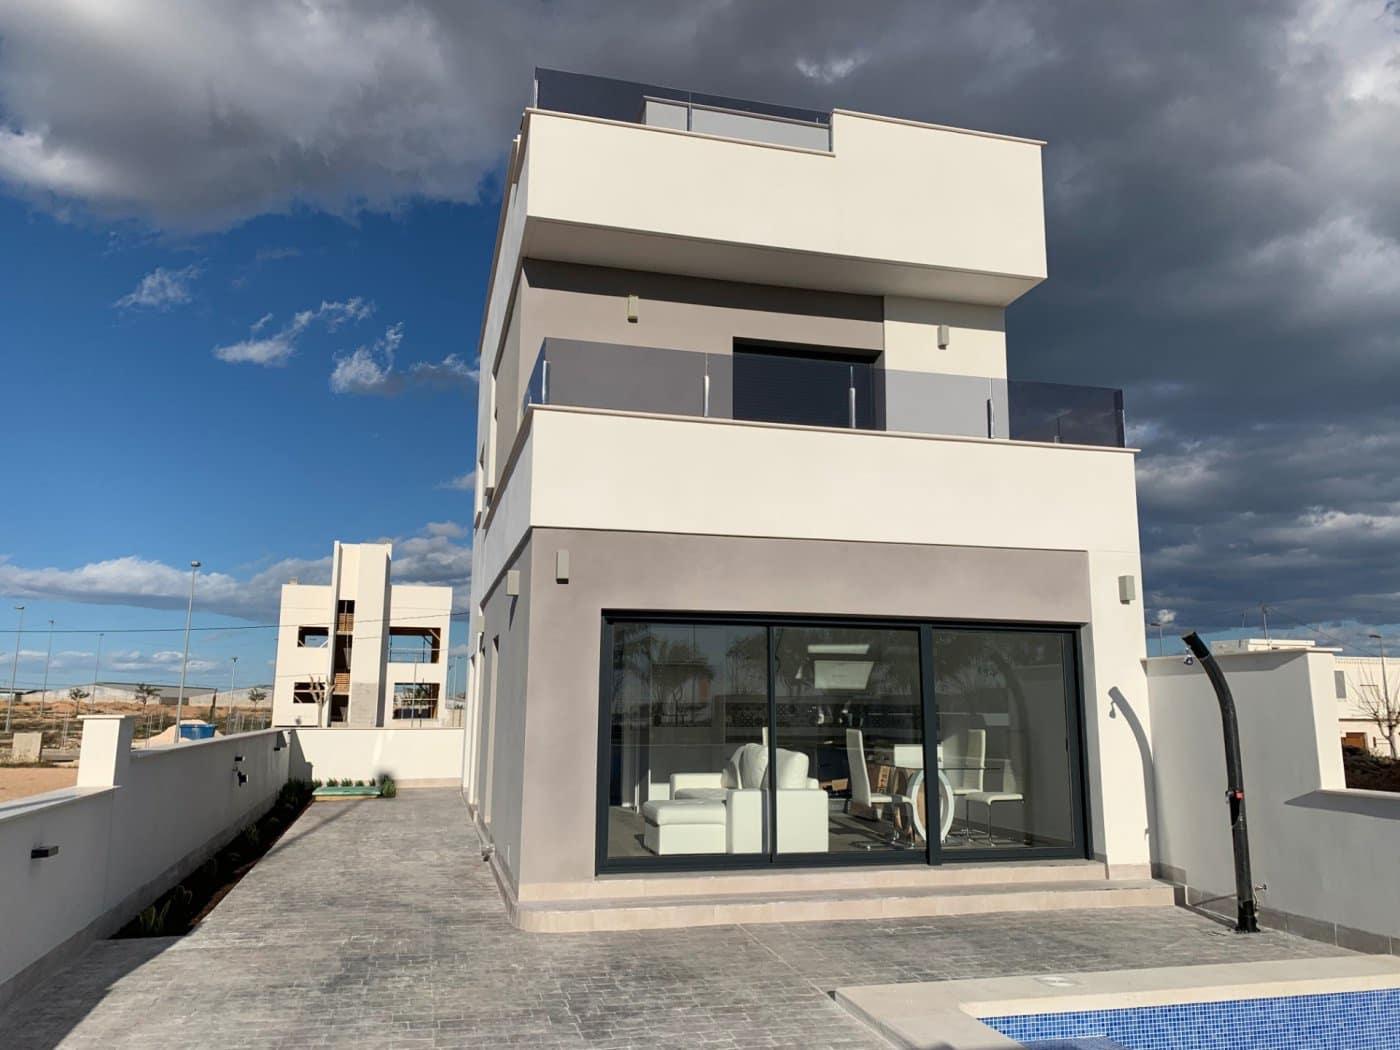 Chalet de 3 habitaciones en Pilar de la Horadada en venta - 259.900 € (Ref: 4641516)